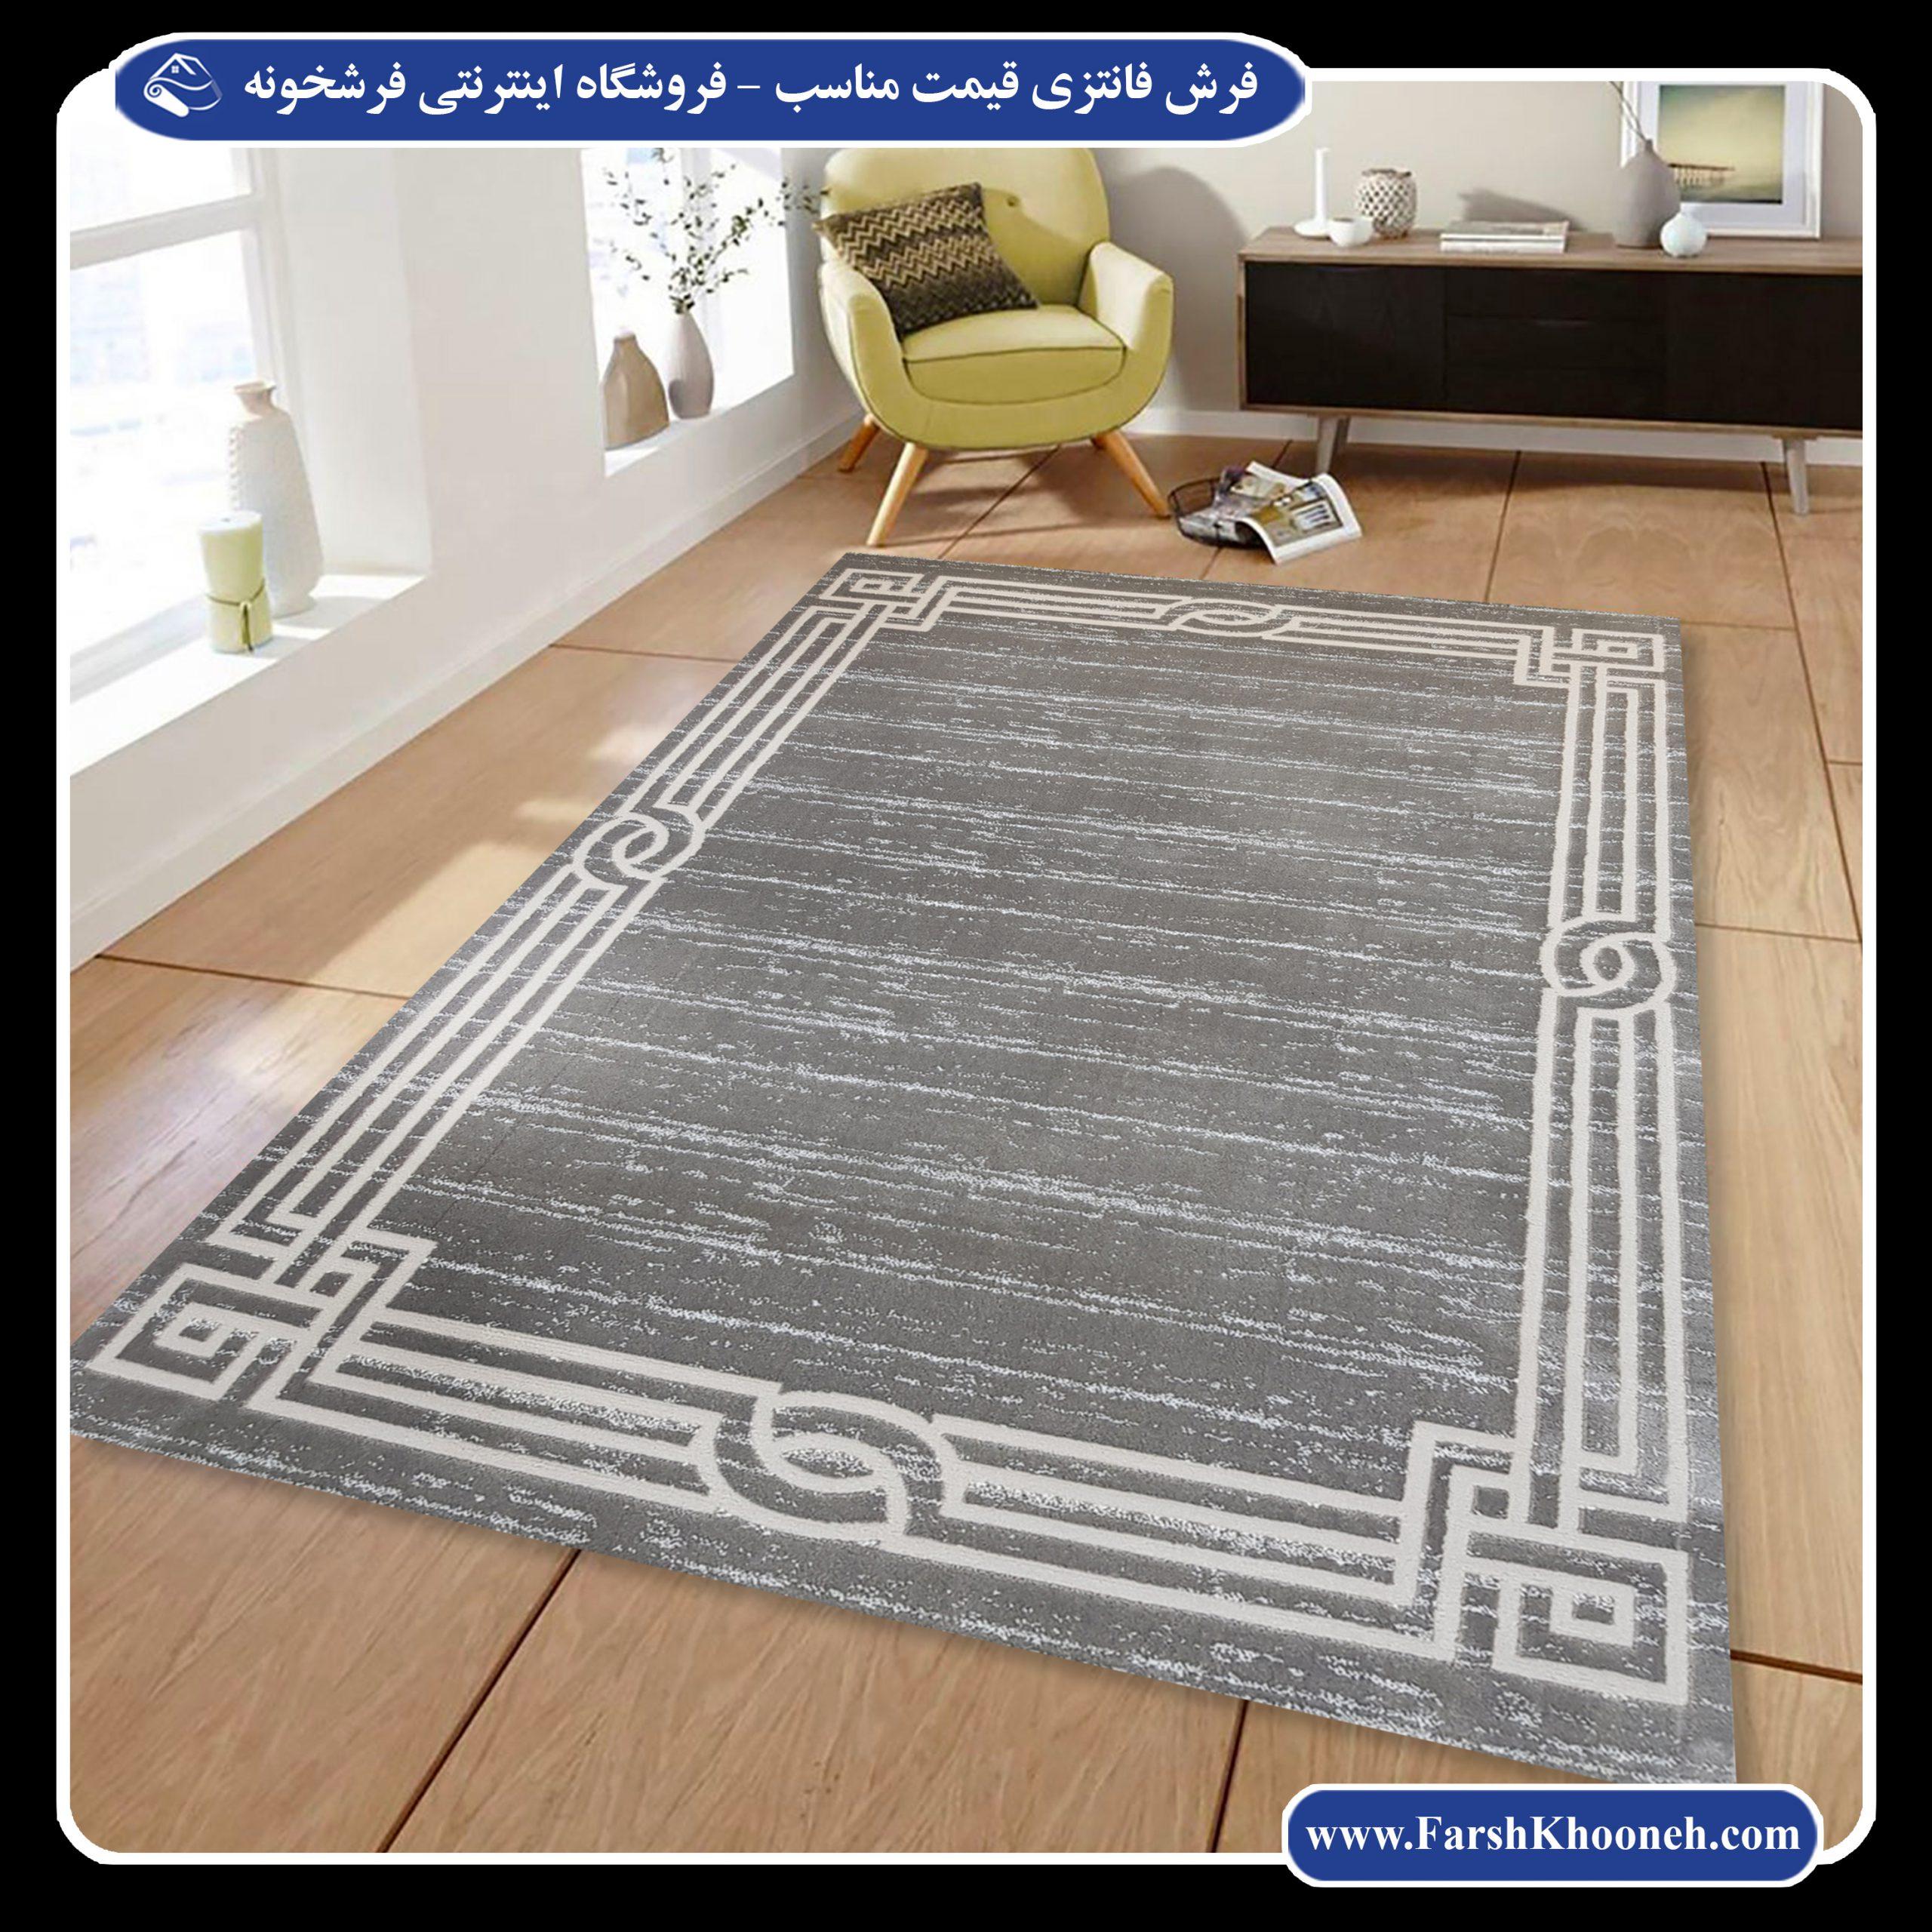 فرش فانتزی ارزان و قیمت مناسب